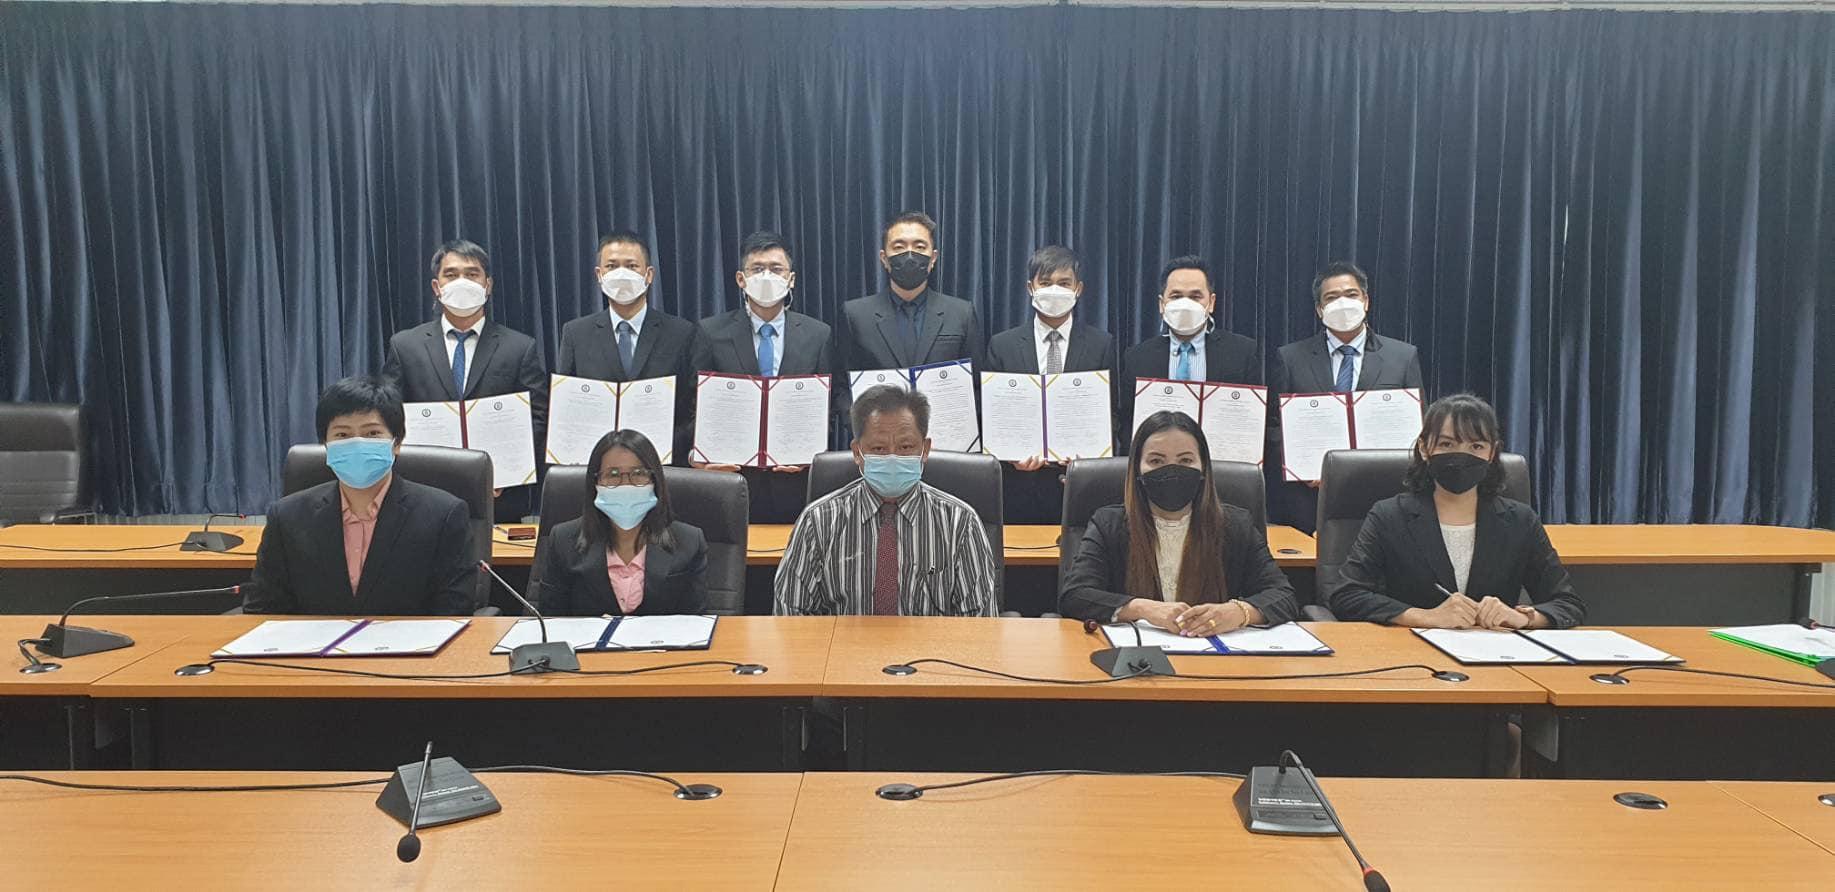 สำนักงานศึกษาธิการจังหวัดกาญจนบุรี รับรายงานตัว เพื่อบรรจุและแต่งตั้งผู้ผ่านการคัดเลือกฯ ให้ดำรงตำแหน่งรองผู้อำนวยการสถานศึกษา สังกัด สพฐ.